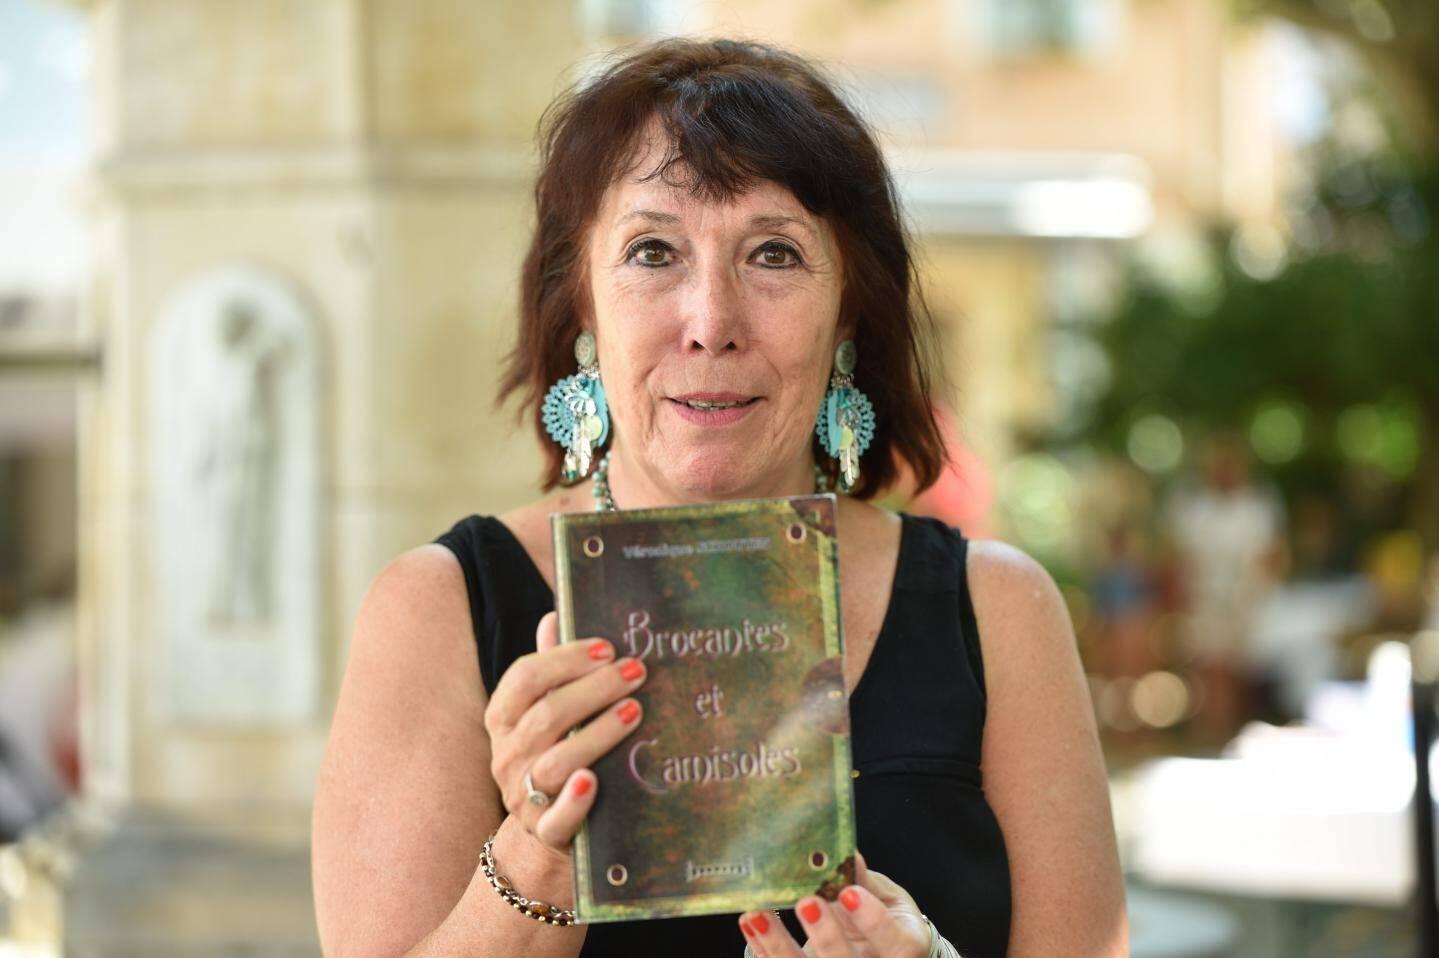 Brocantes et camisoles, éditions Sudarènes, Véronique Schouten, 18 euros.